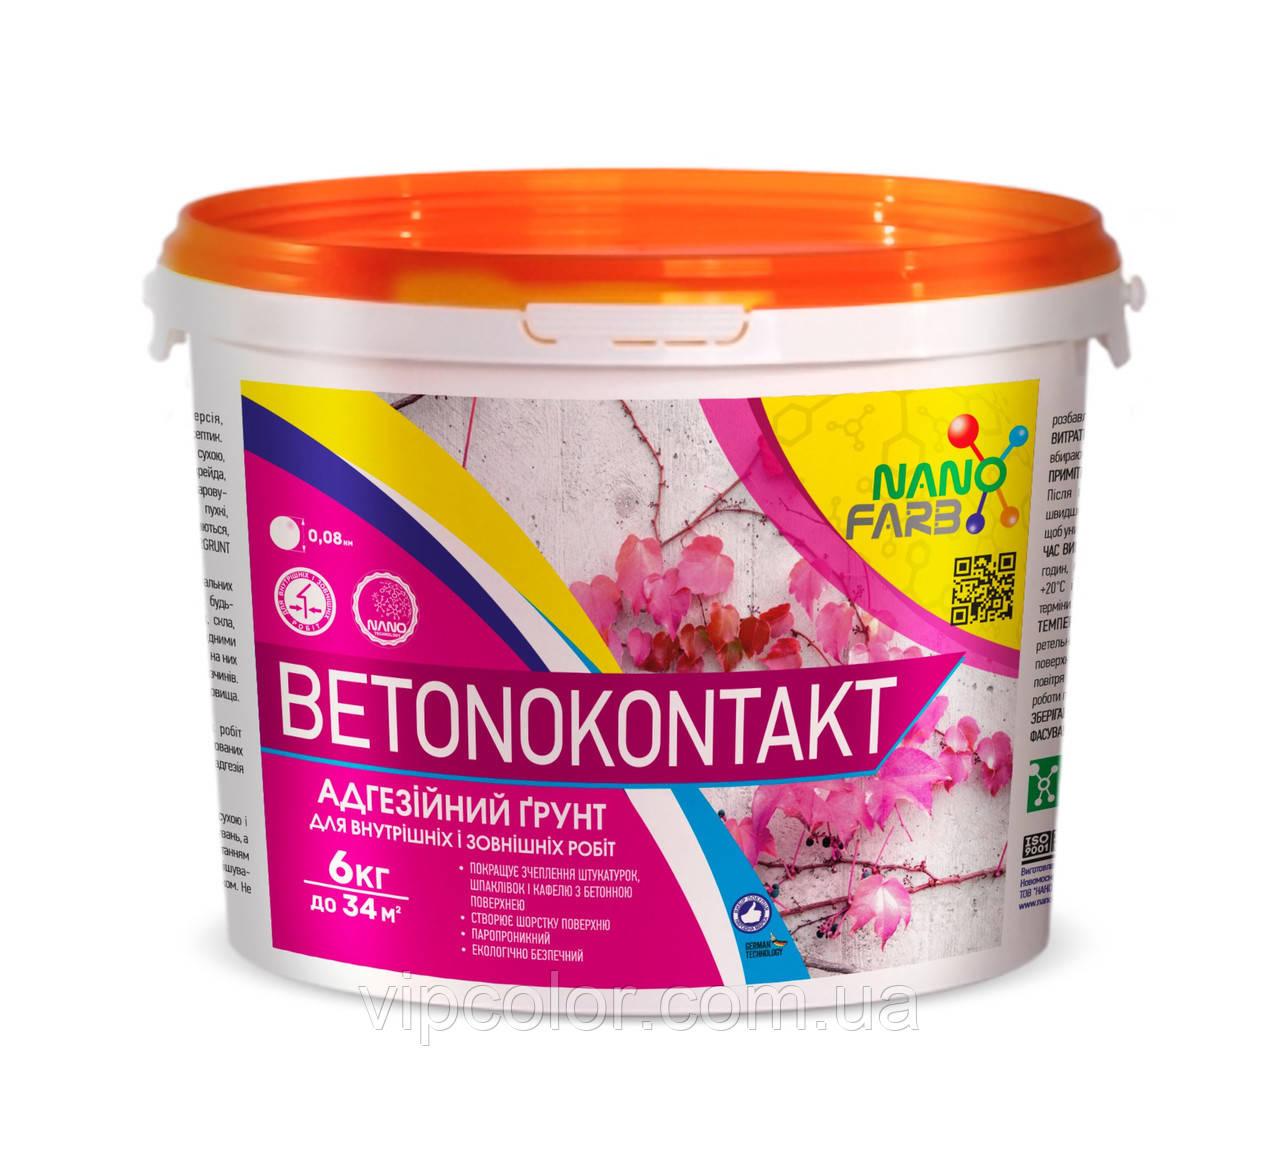 Адгезійна грунтовка універсальна Betonokontakt Nano farb 6 кг